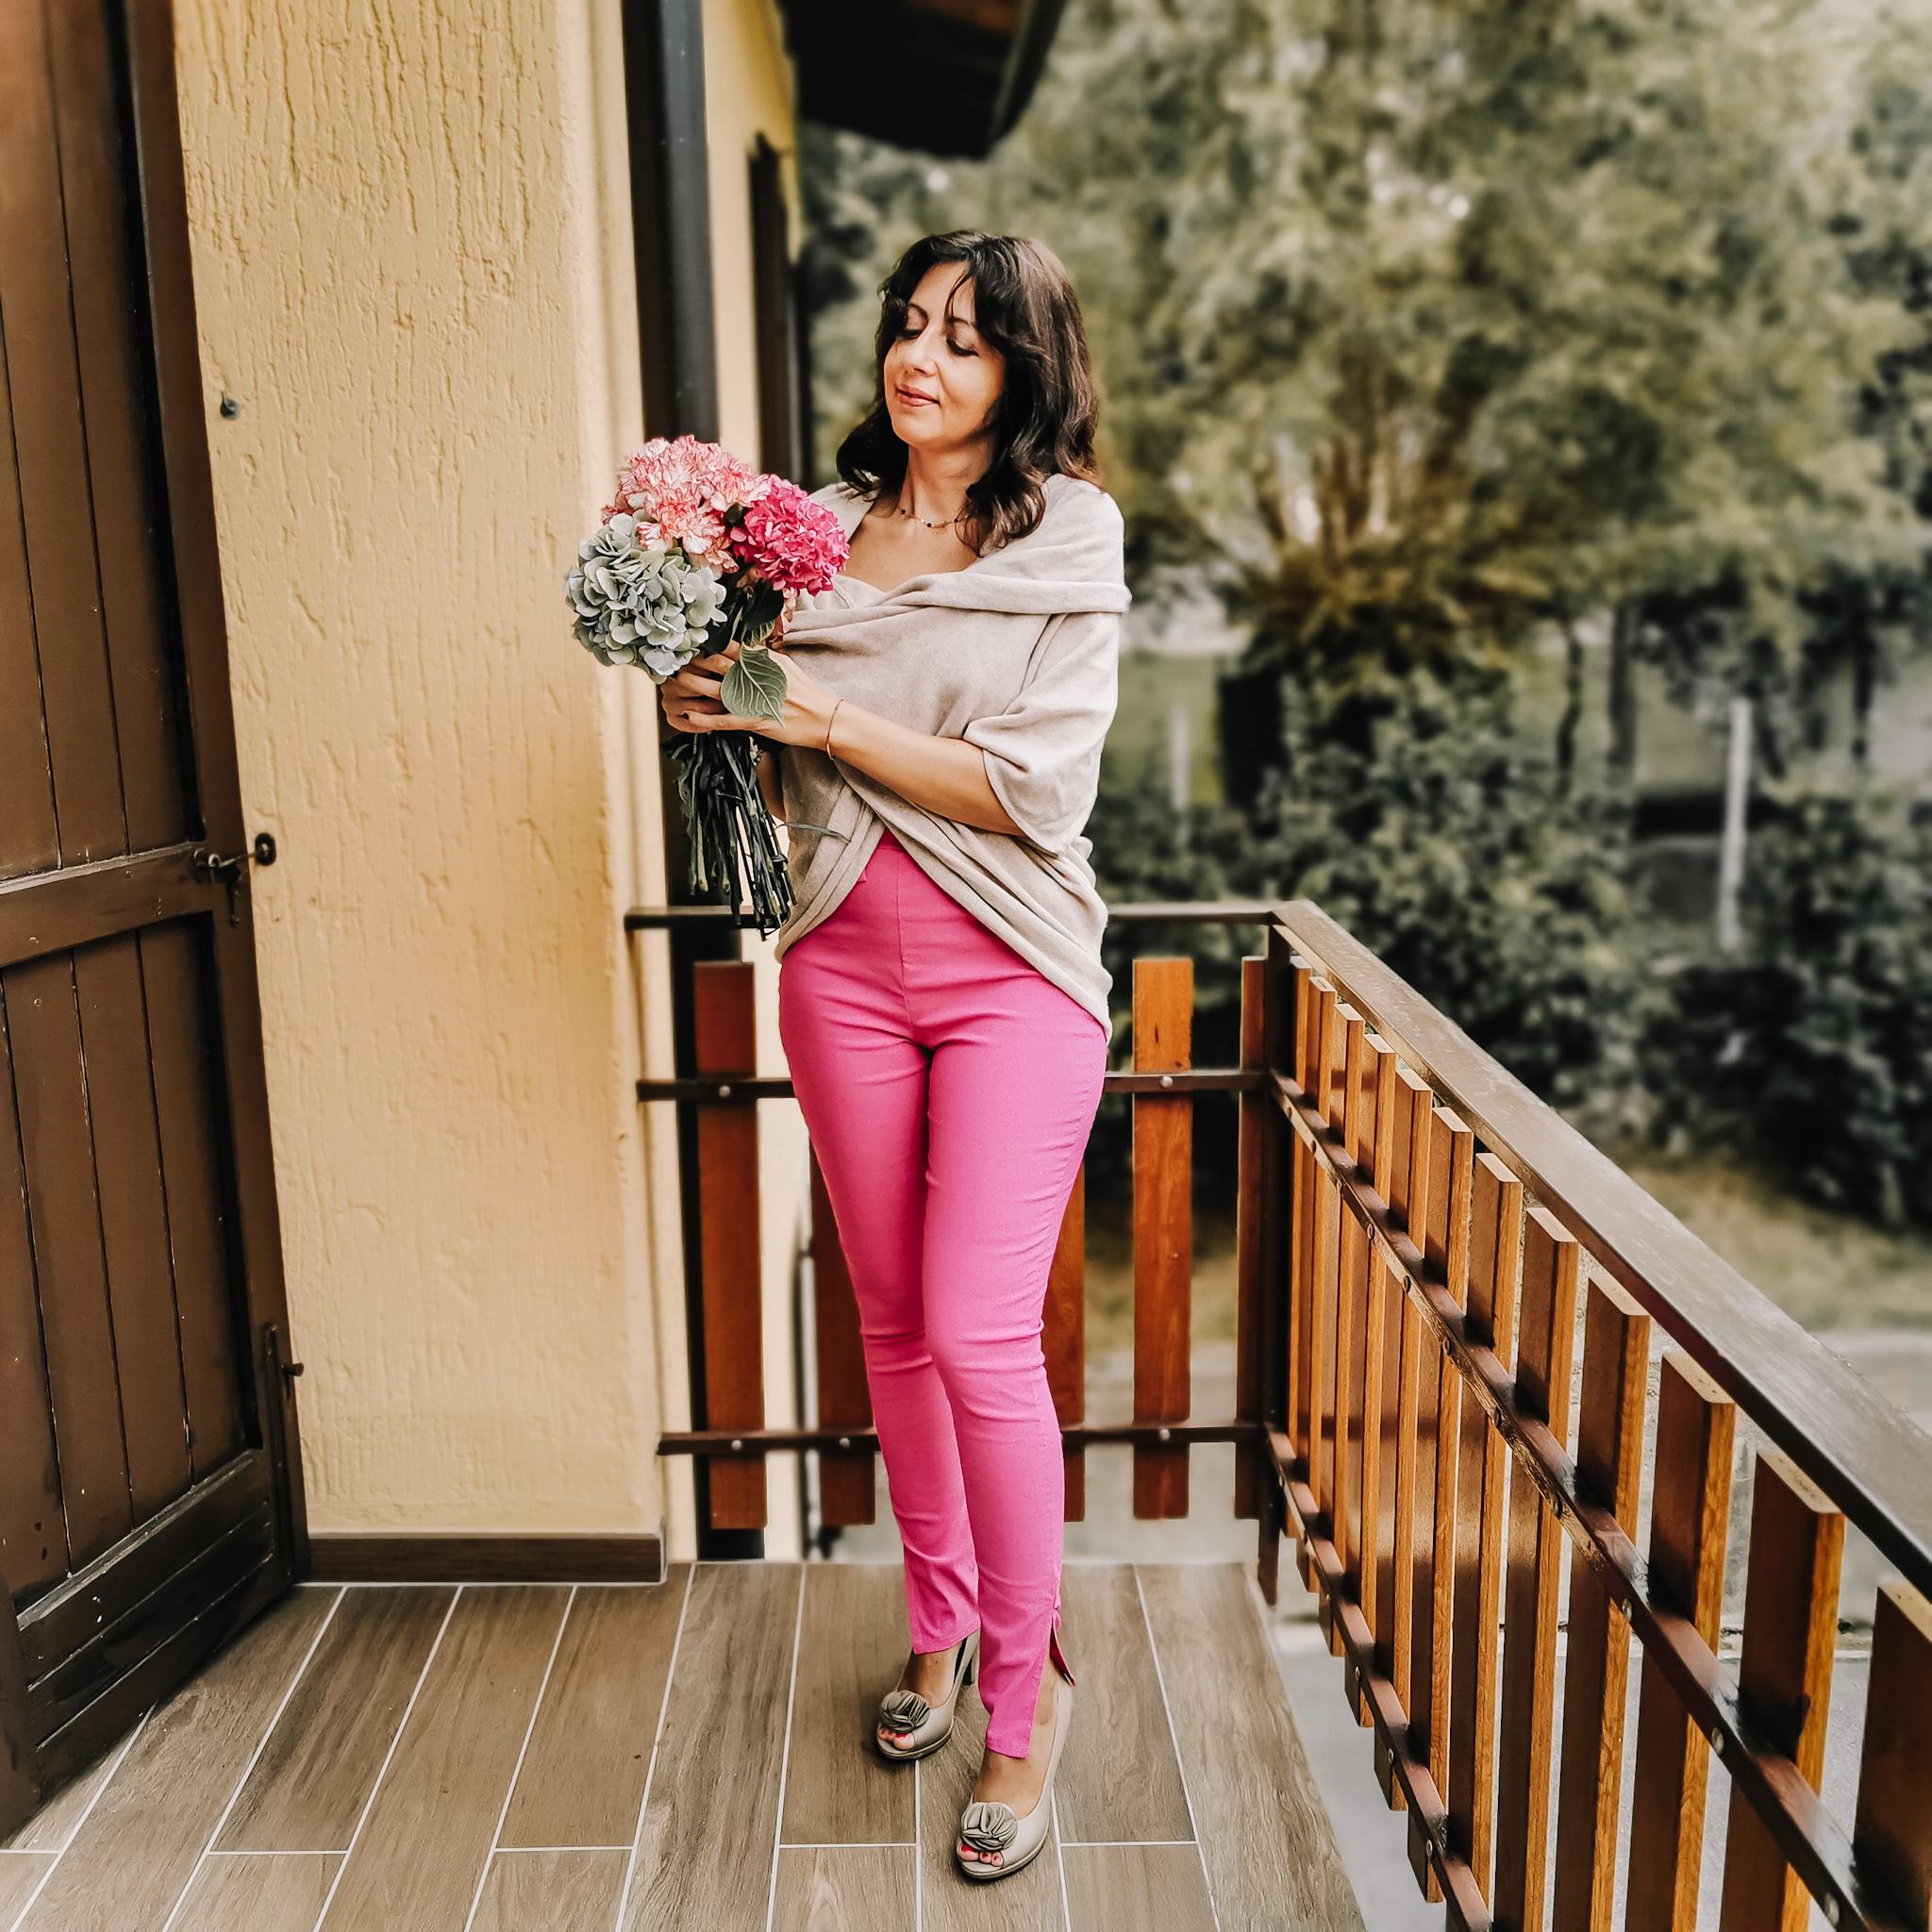 https://femmeluxefinery.co.uk/products/hot-pink-tie-belt-side-split-trousers-monica